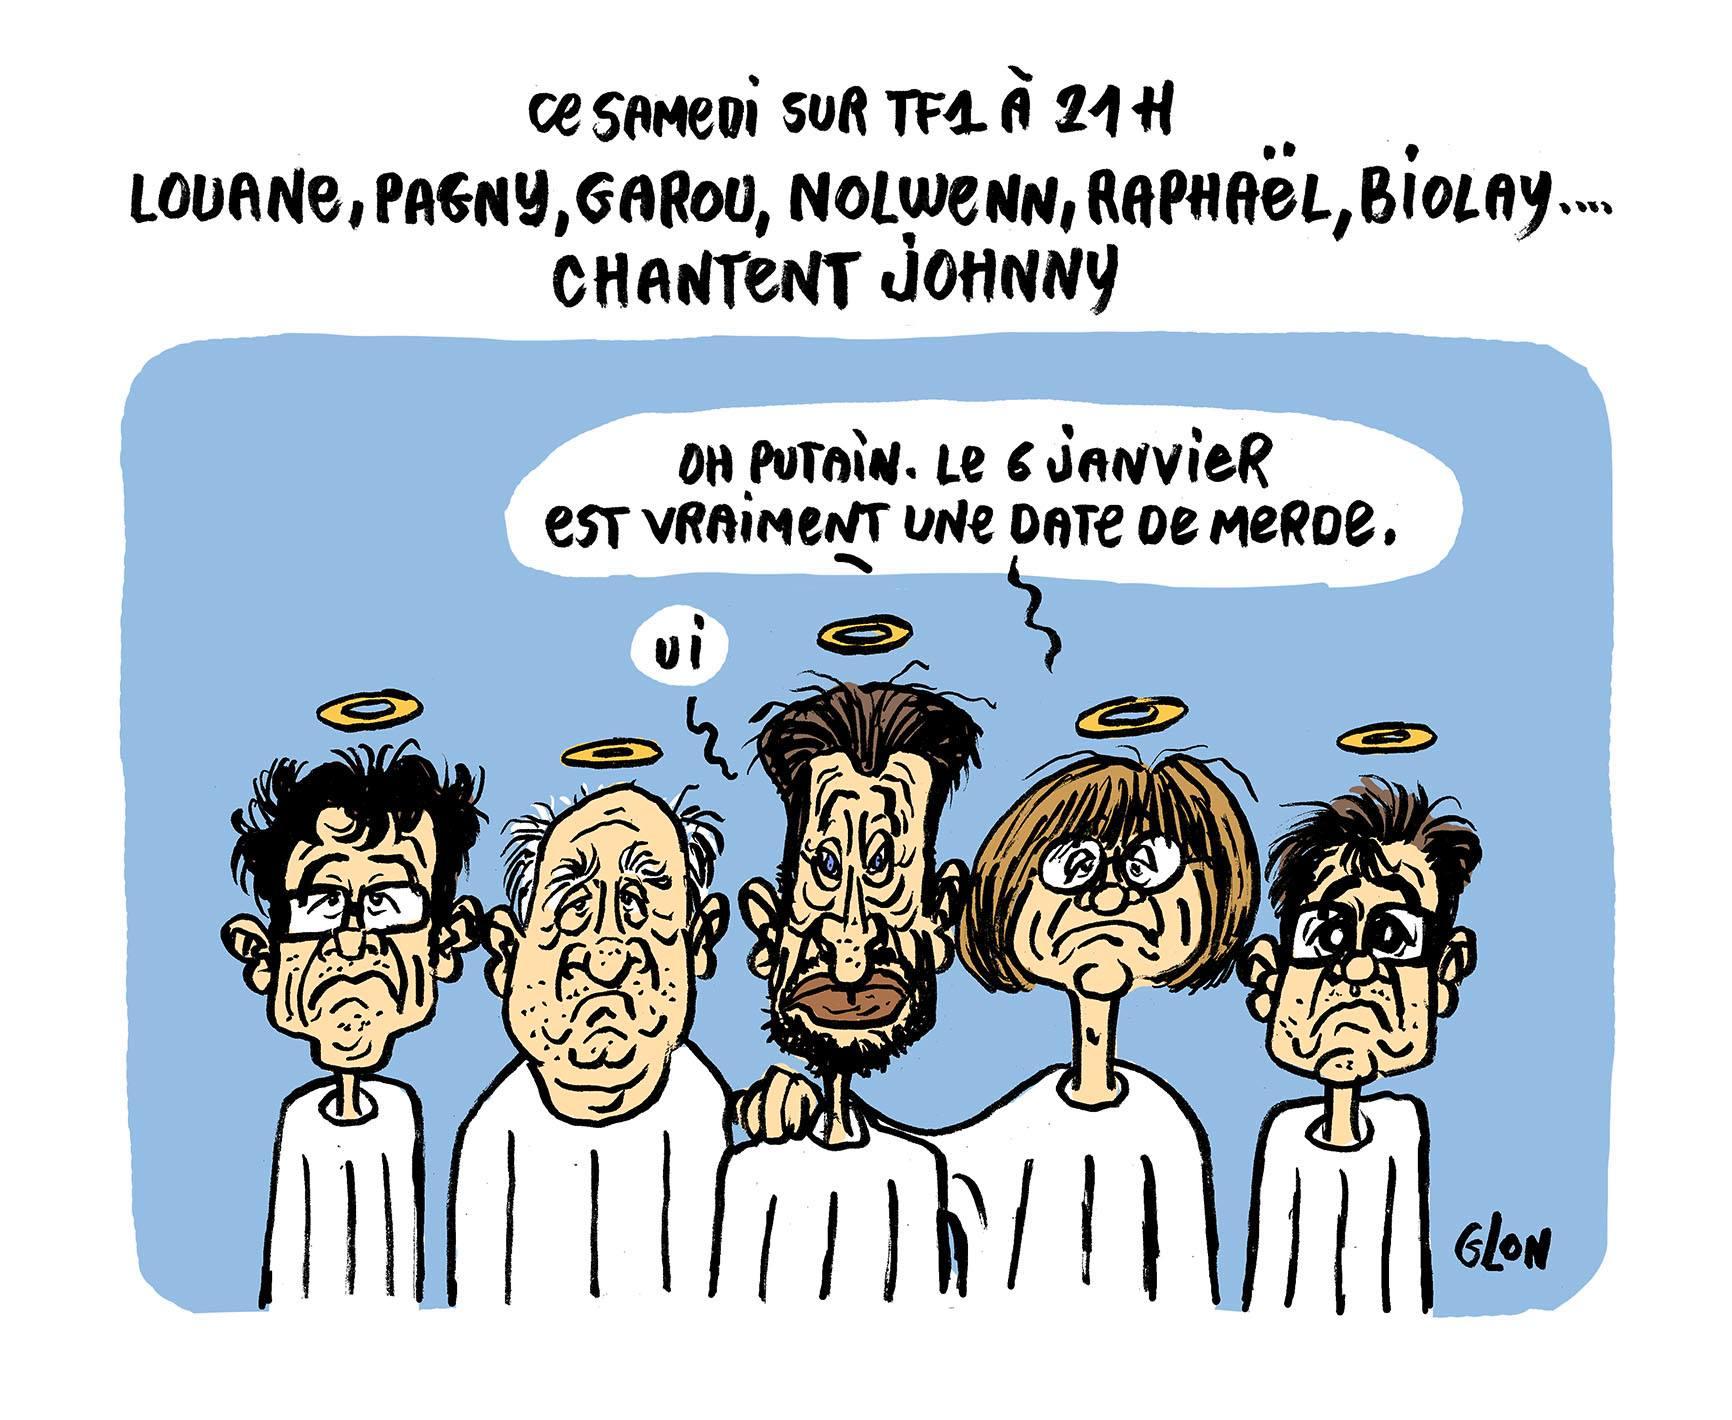 dessin humoristique de Johnny Hallyday et l'équipe de Charlie Hebdo au Paradis consterné par un hommage chanté sur TF1